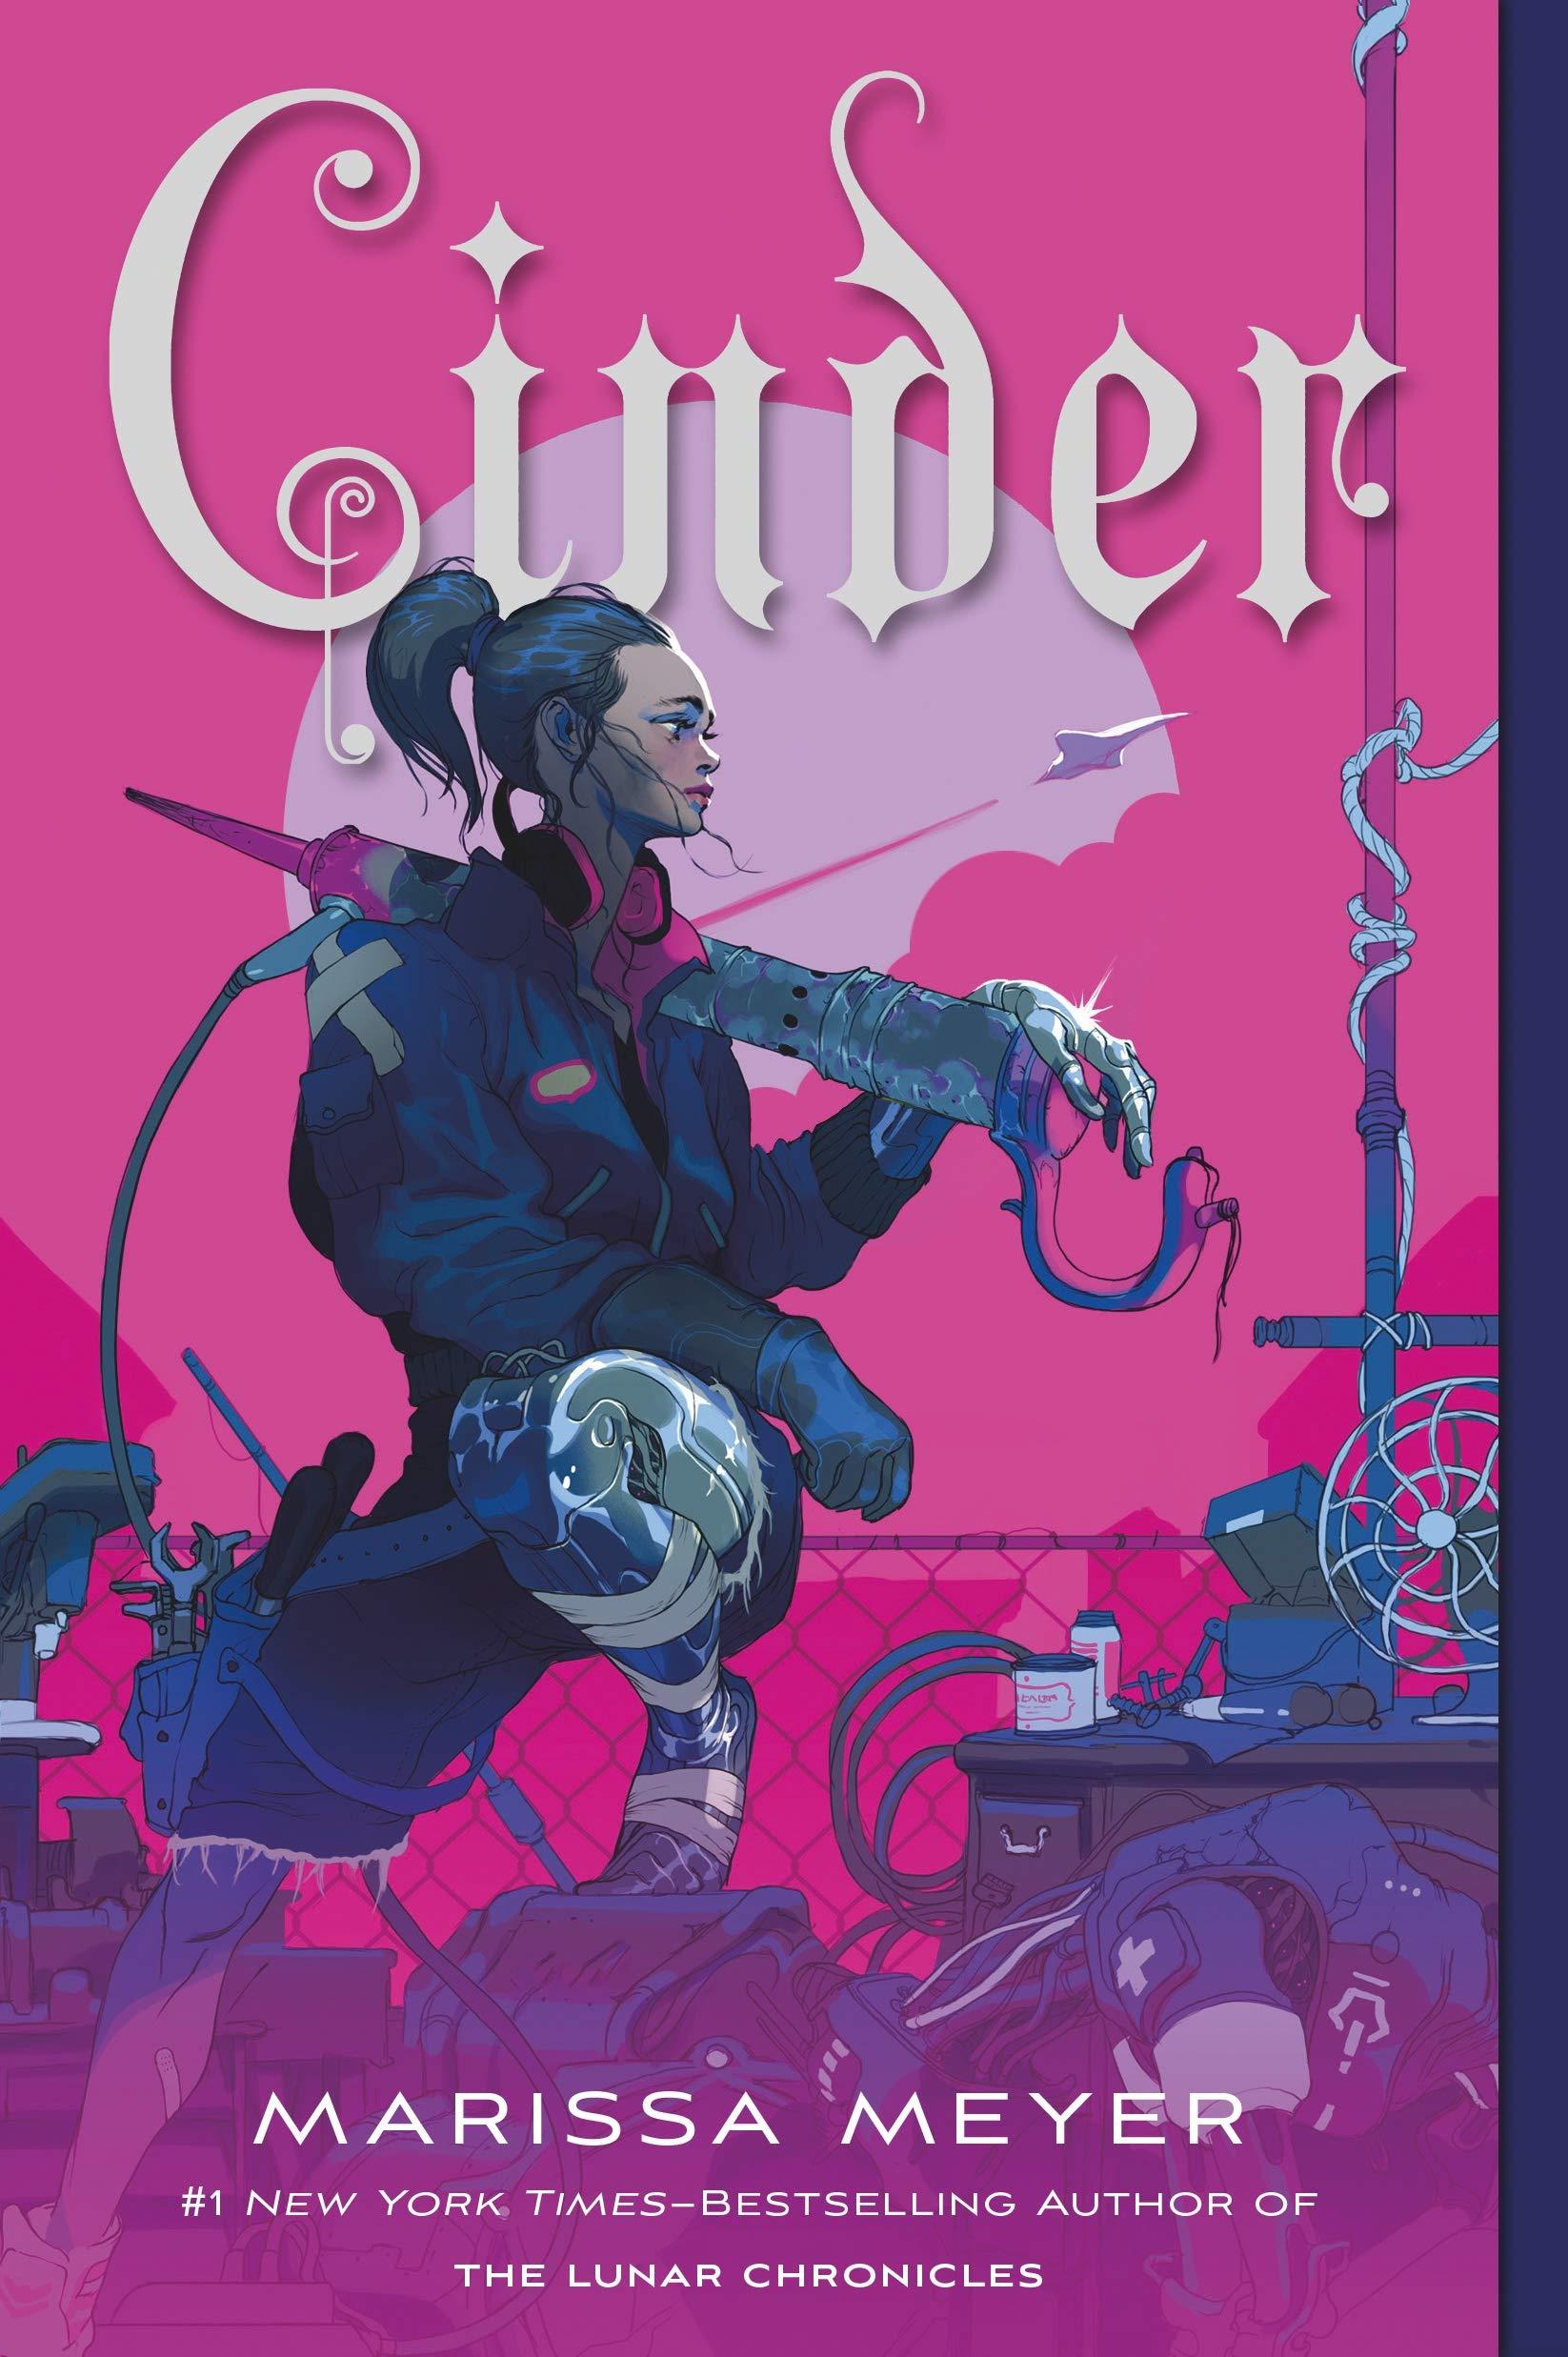 Amazon.com: Cinder: Book One of the Lunar Chronicles (The Lunar Chronicles,  1) (9781250768889): Meyer, Marissa: Books